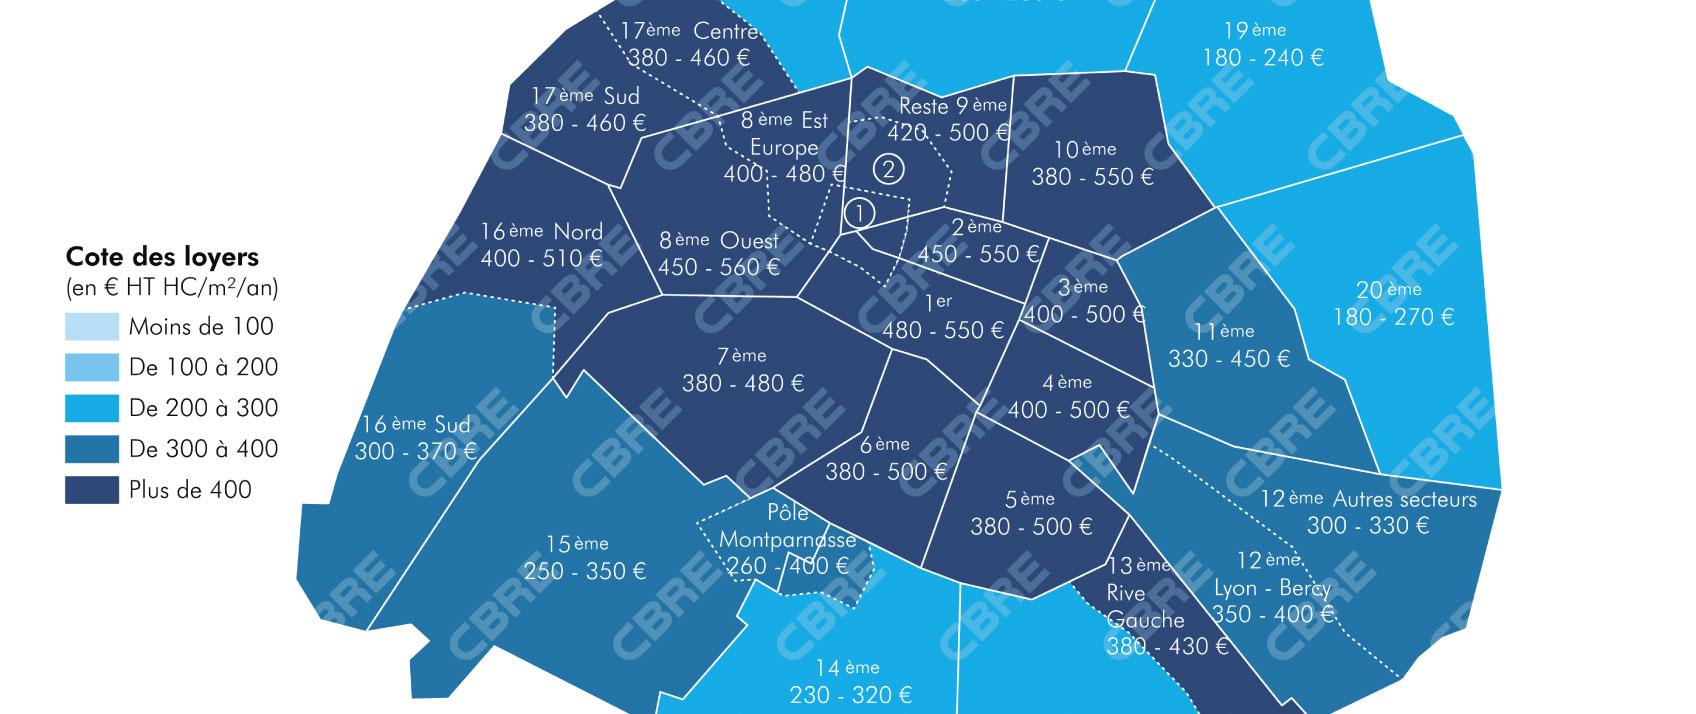 Bureaux Île-de-France : un m², combien d'euros ?